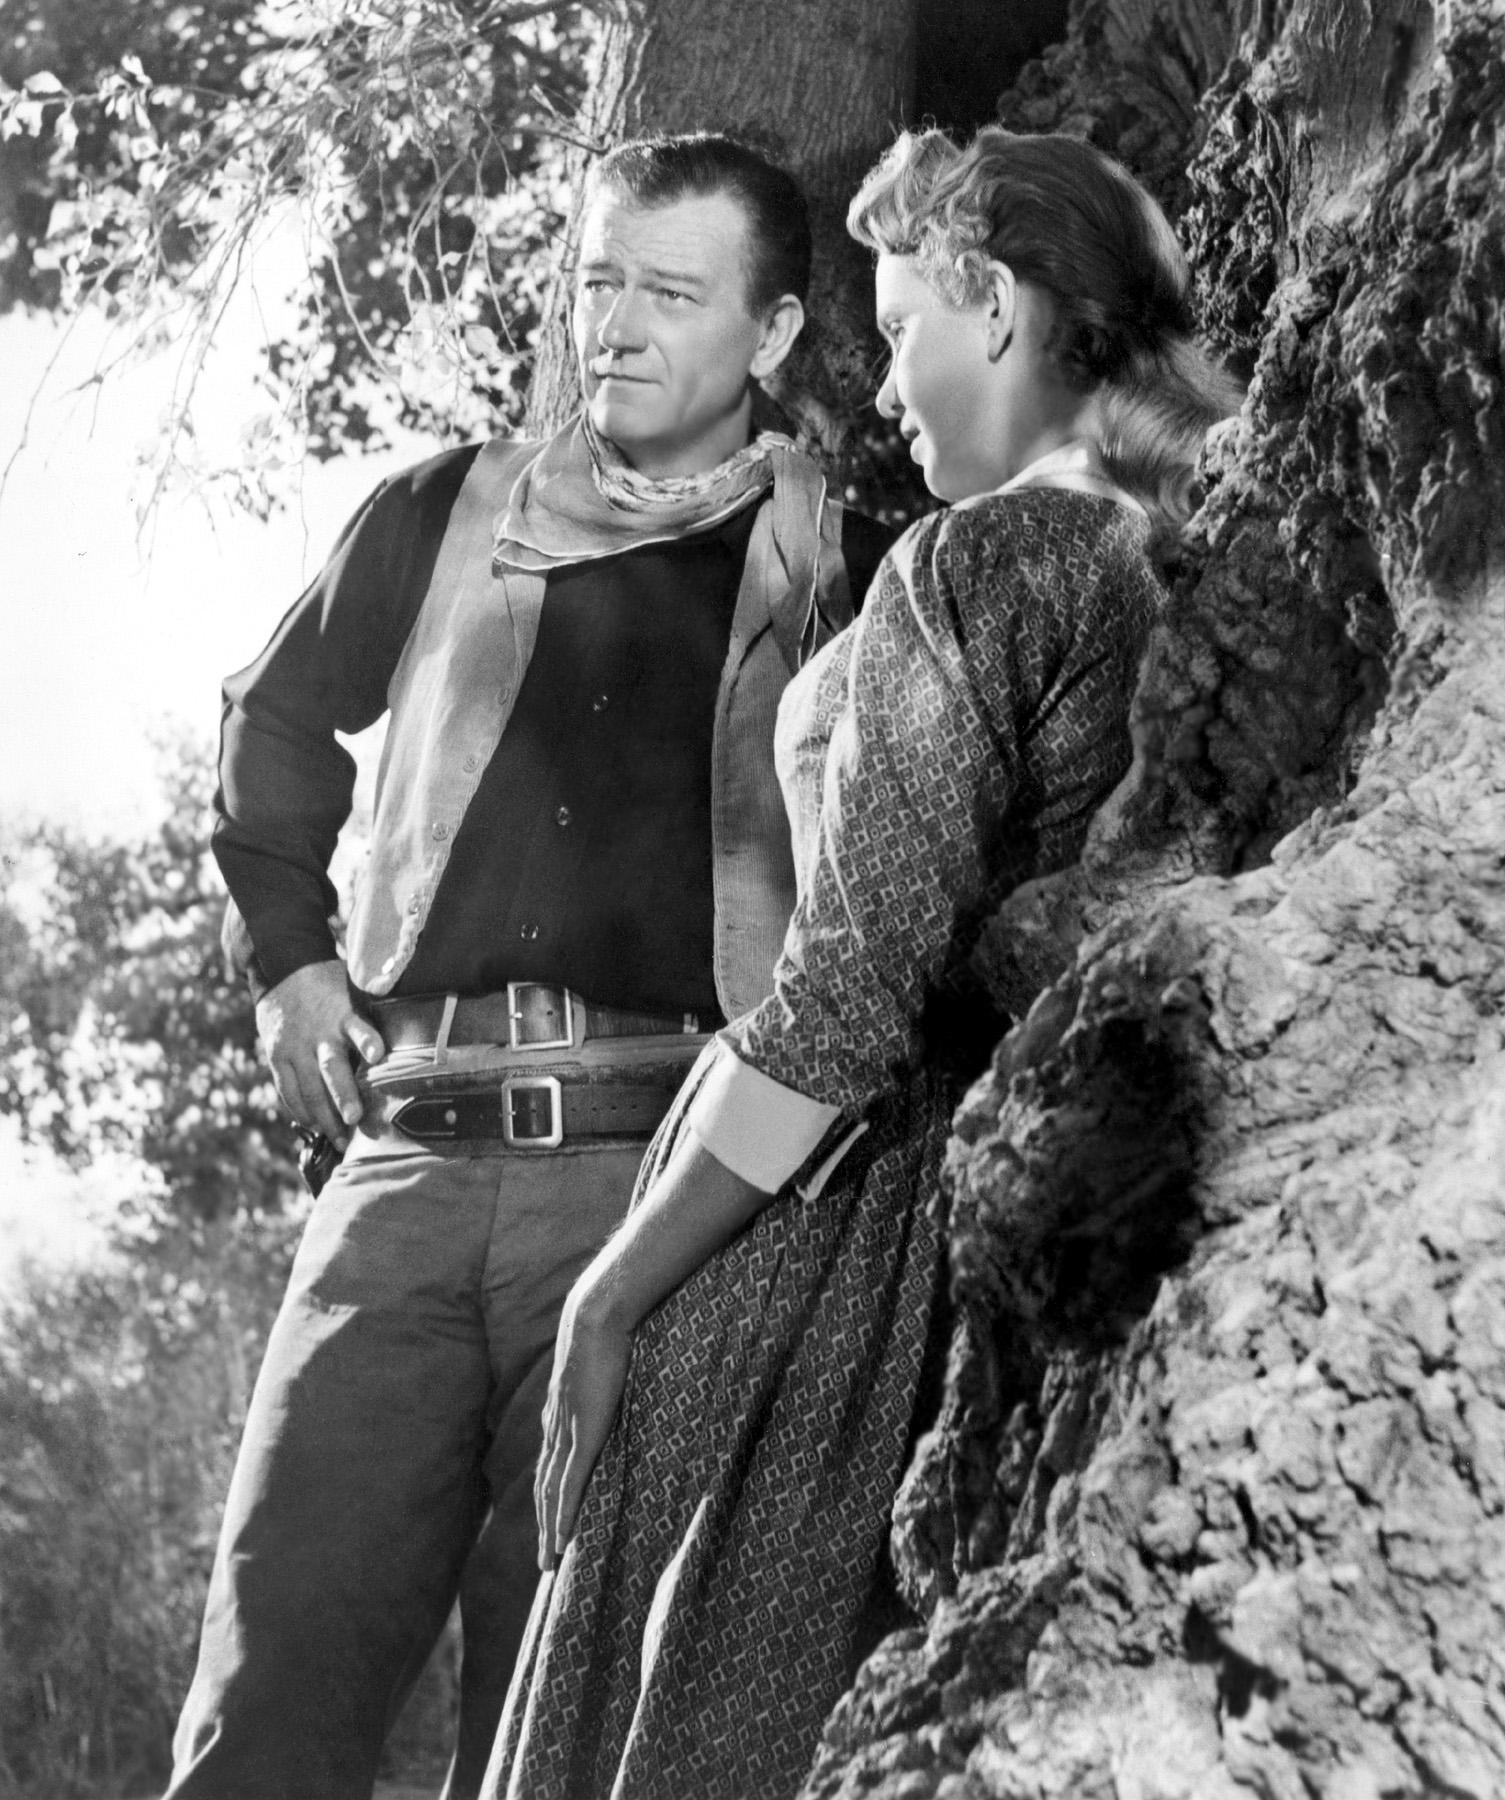 John Wayne with Geraldine Page